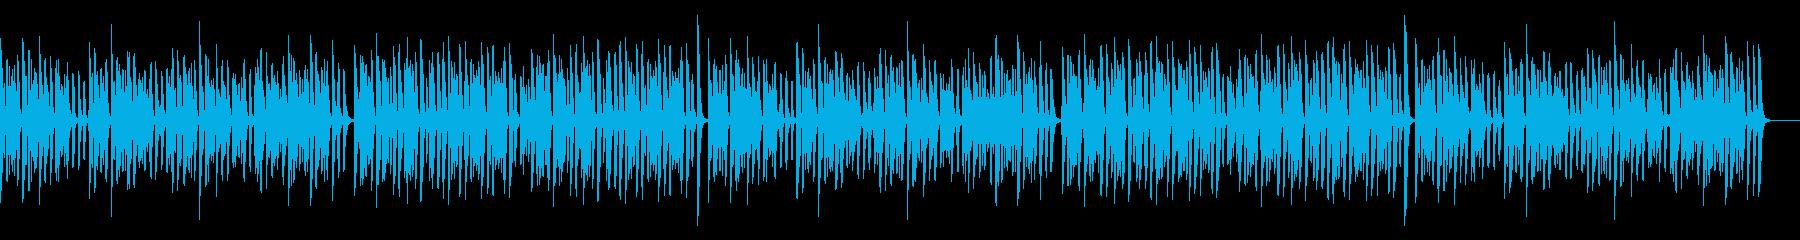 コミカルでレトロ可愛いピアノソロの再生済みの波形